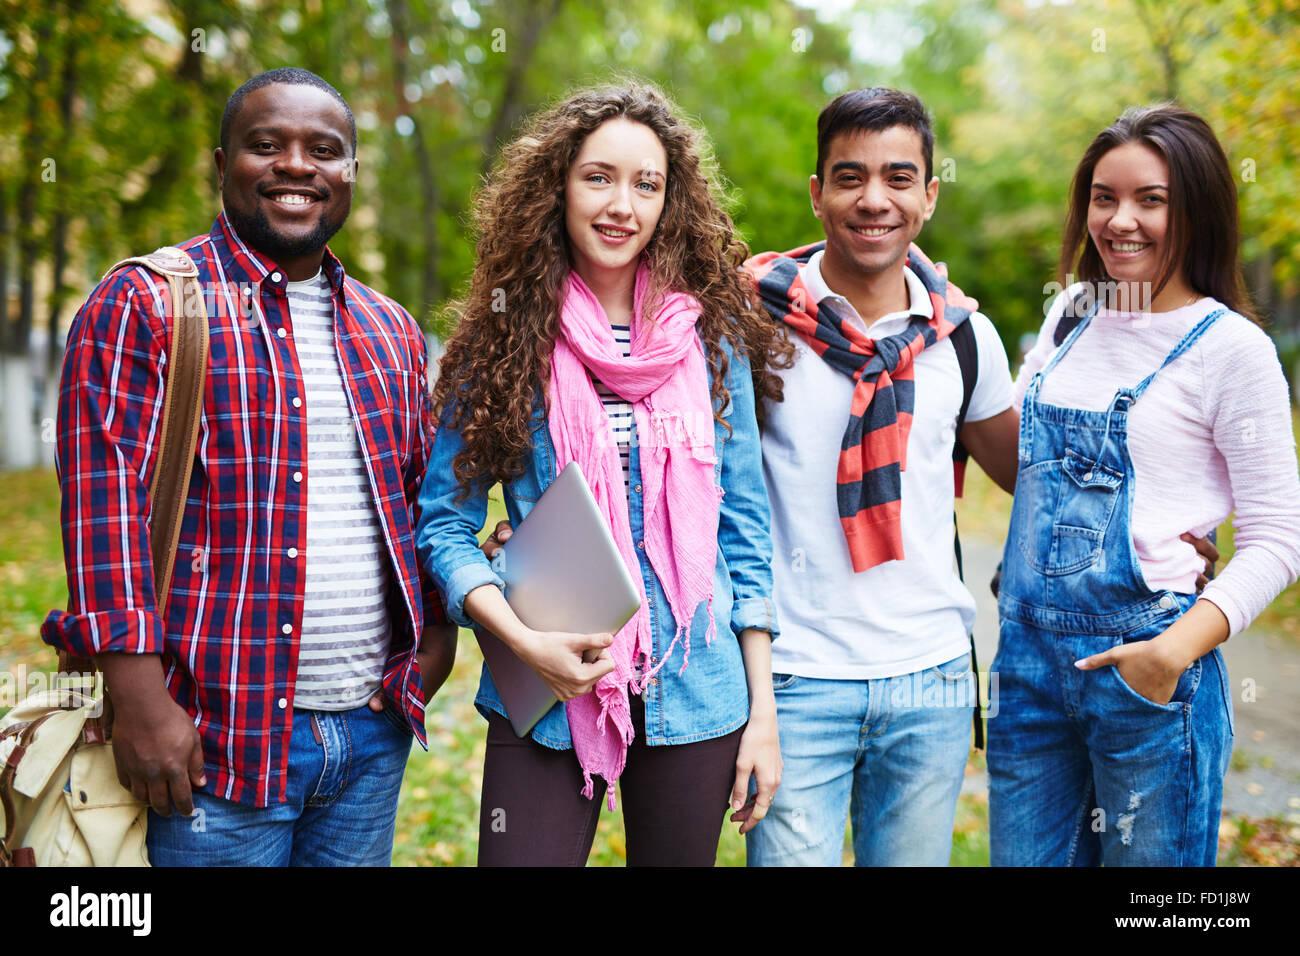 Joyful college friends in casualwear standing outside - Stock Image